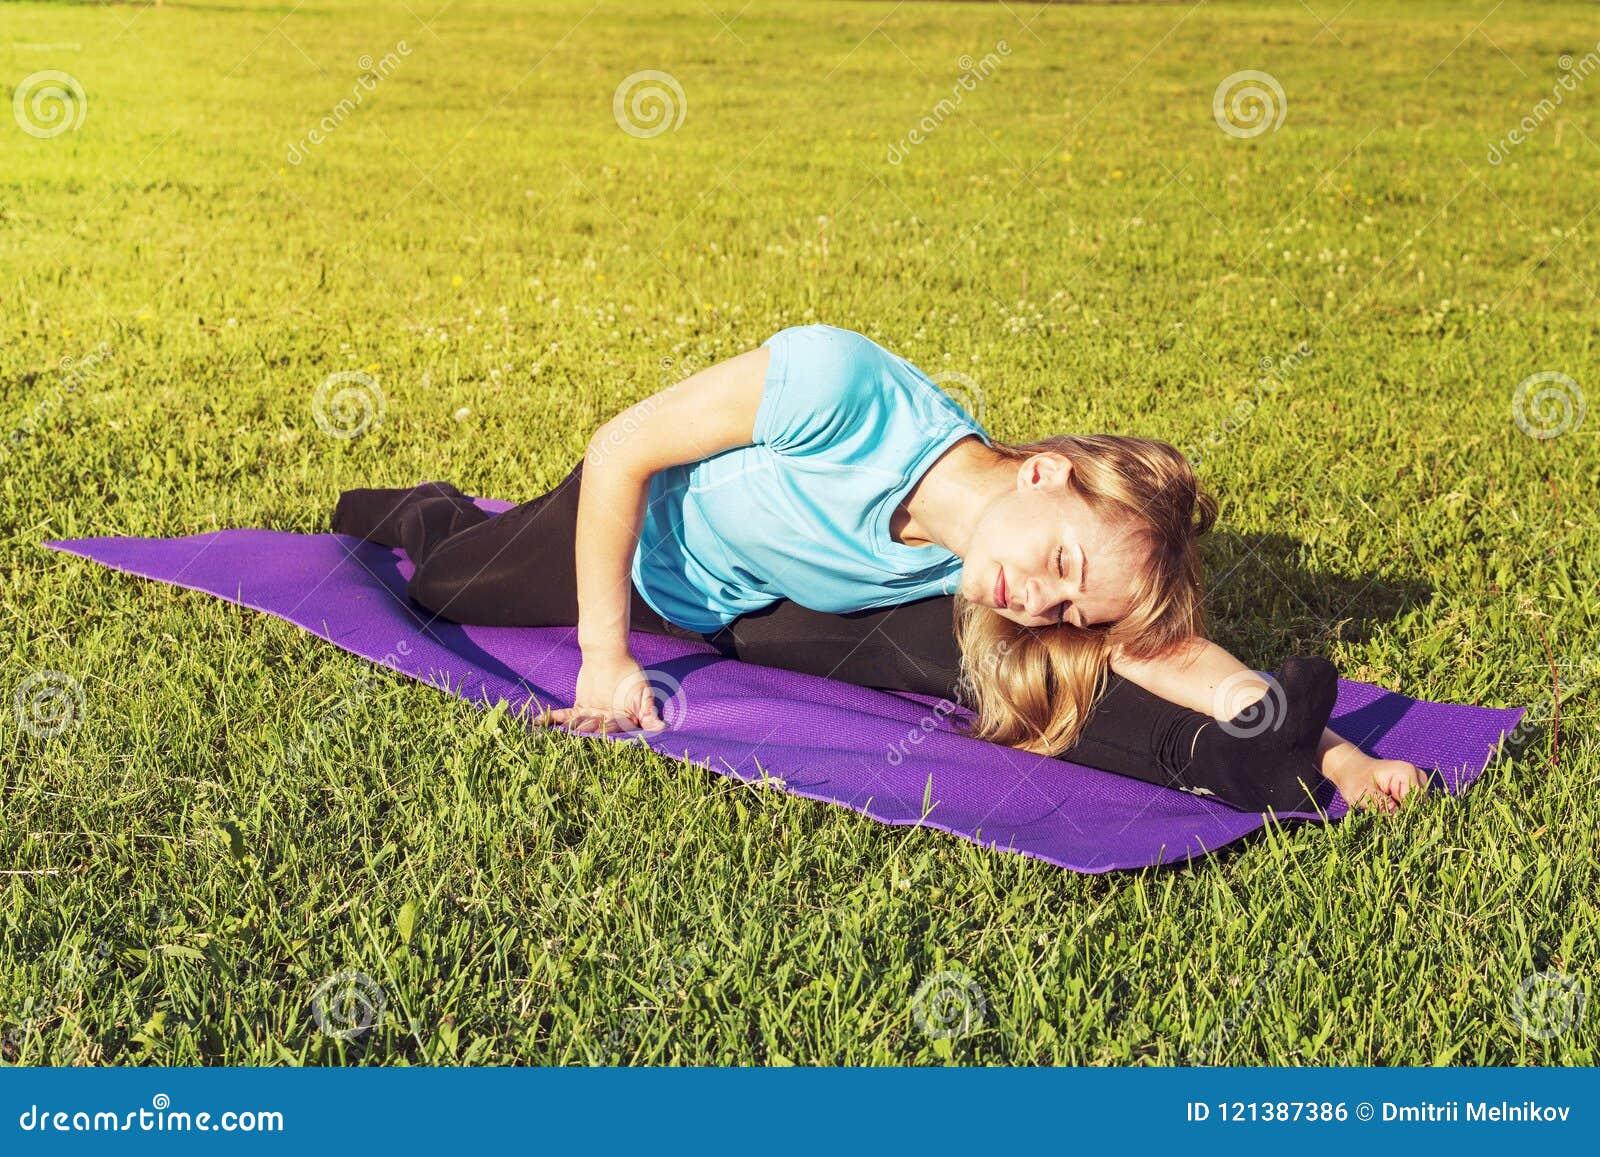 De bus van de blondevrouw in een sportieve korte bovenkant en gymnastiekbeenkappen maakt een brede streng op de deken want de yog